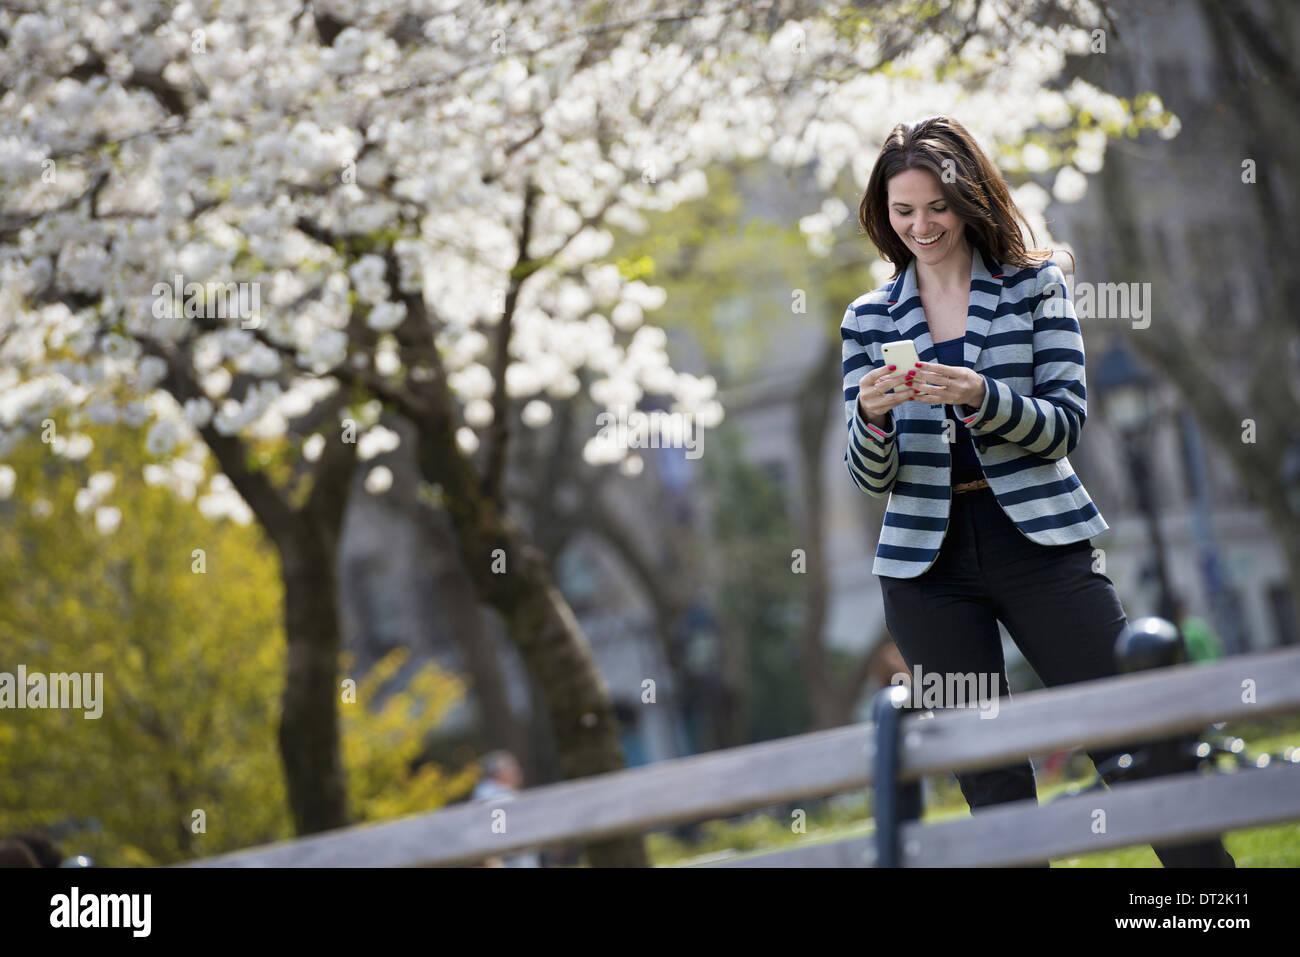 Afuera de la ciudad en la época de primavera en el parque de la ciudad de Nueva York en los árboles en flor blanca una mujer de pie controlar su teléfono móvil Imagen De Stock